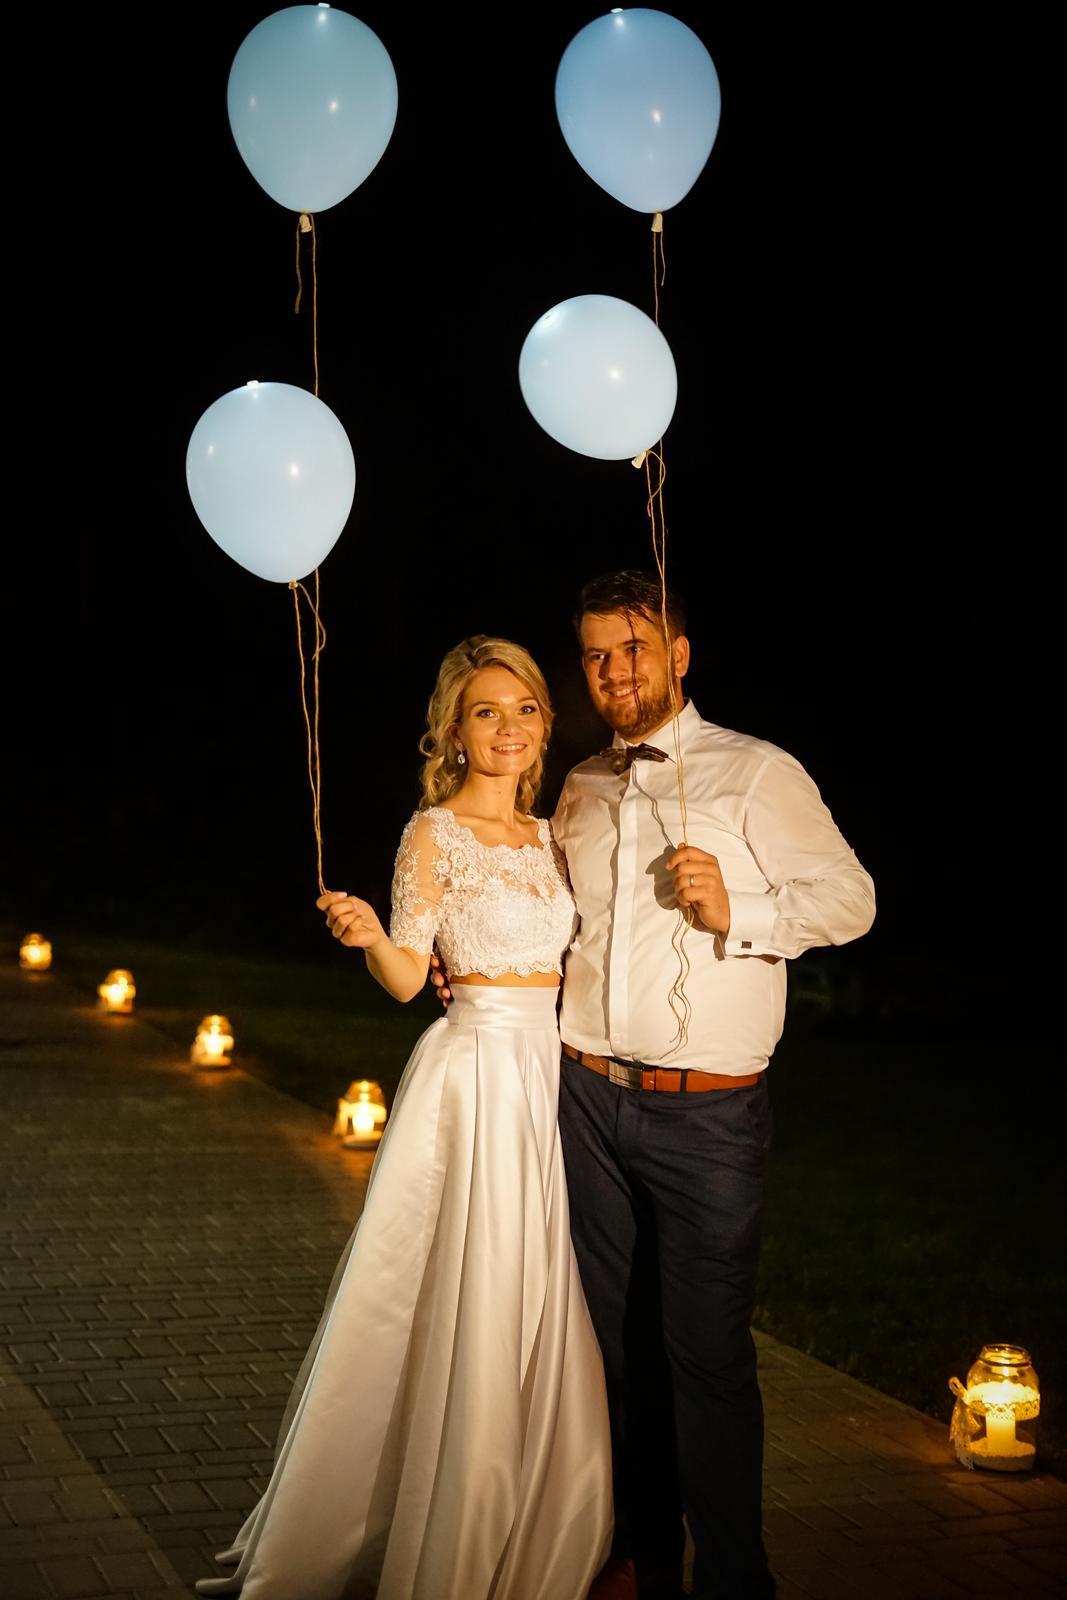 Dvojdielne svadobné šaty v štýle Boho - Obrázok č. 1